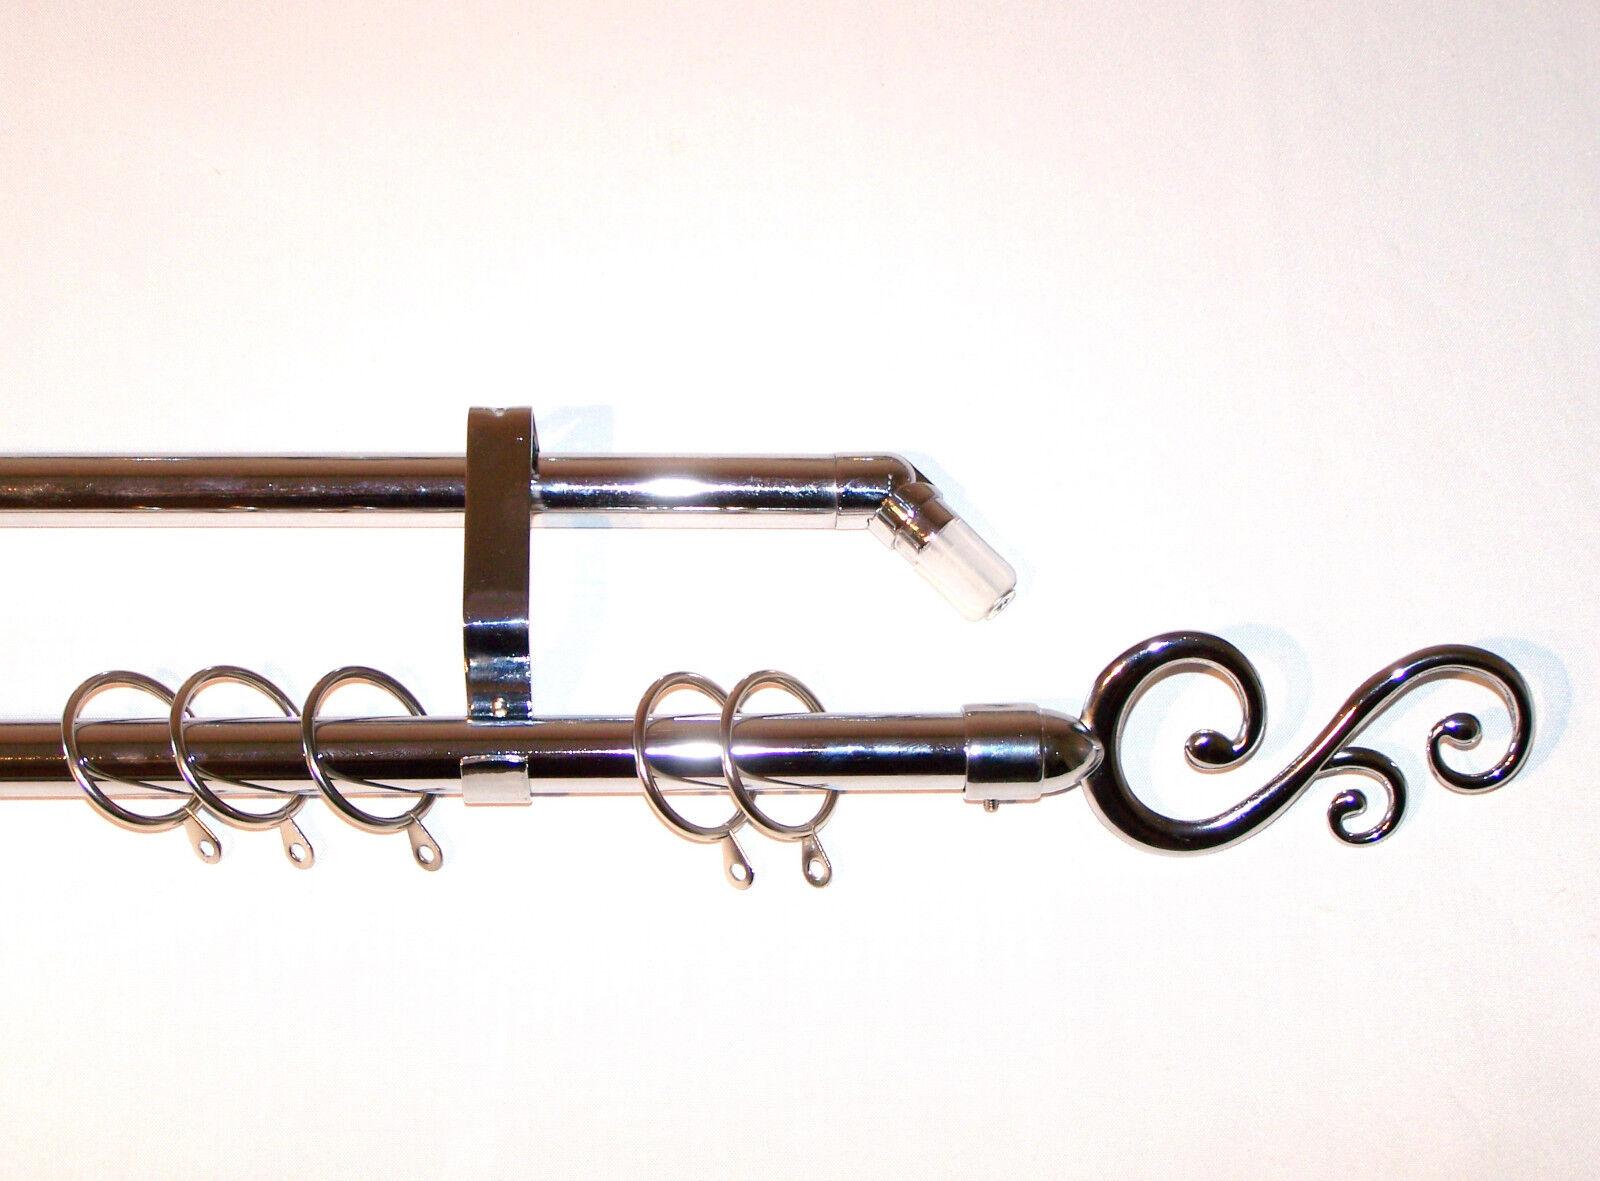 19mm CROMO Spirale bovindo Tenda Pole Sistema Spirale CROMO CURVO ornamenti 2.4m 240cm 3m bc1234